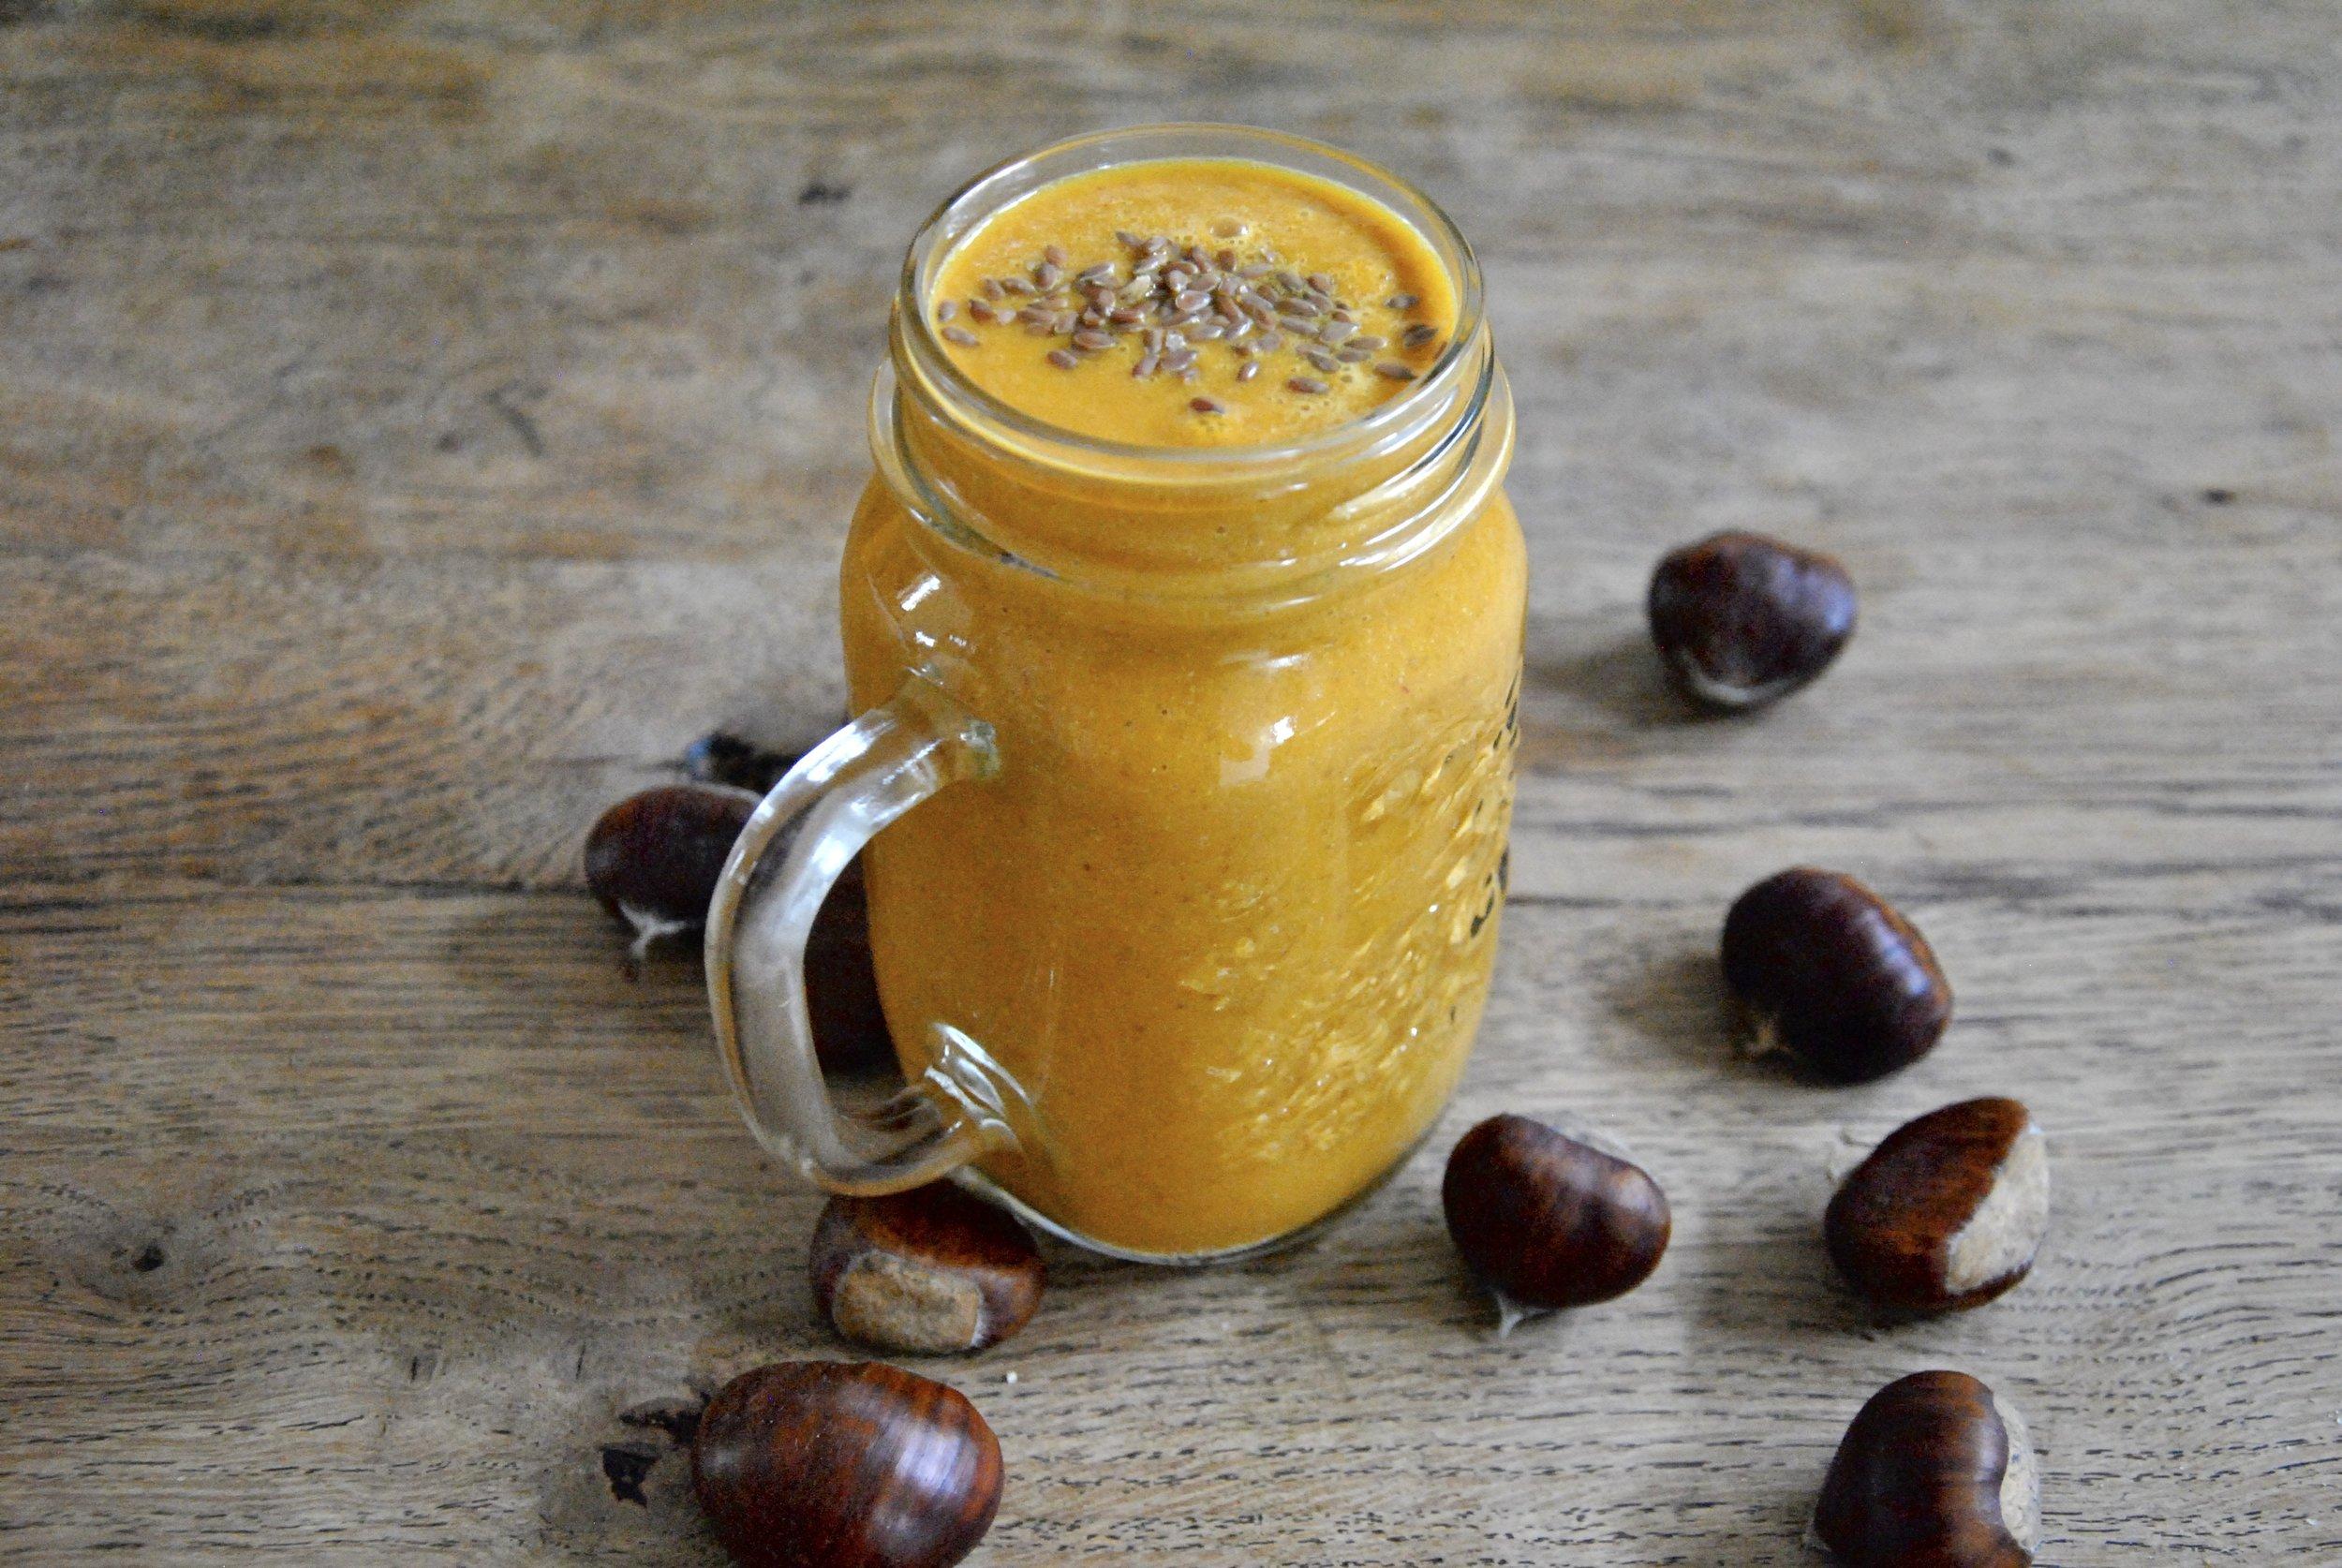 Goji Berry Health Benefits A Fresh Goji Smoothie Recipe Plantseeds